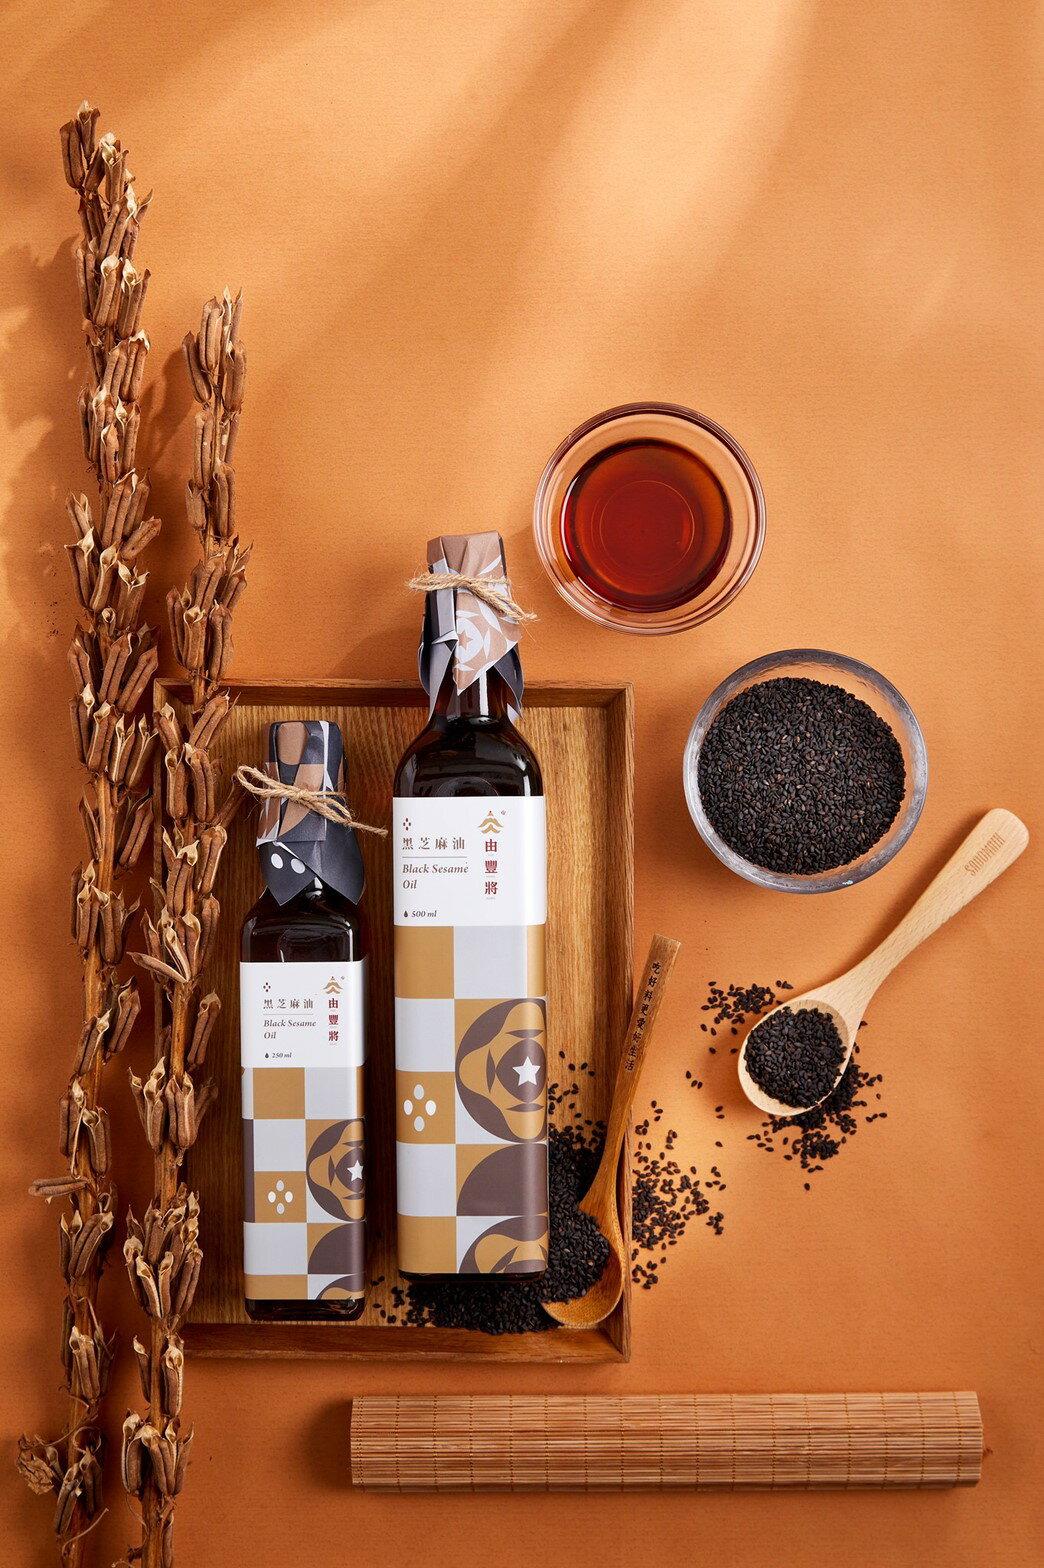 【由豐將】月子專區 黑芝麻油(大)*8+苦茶油(大)*2 額外贈送醬品(任選)